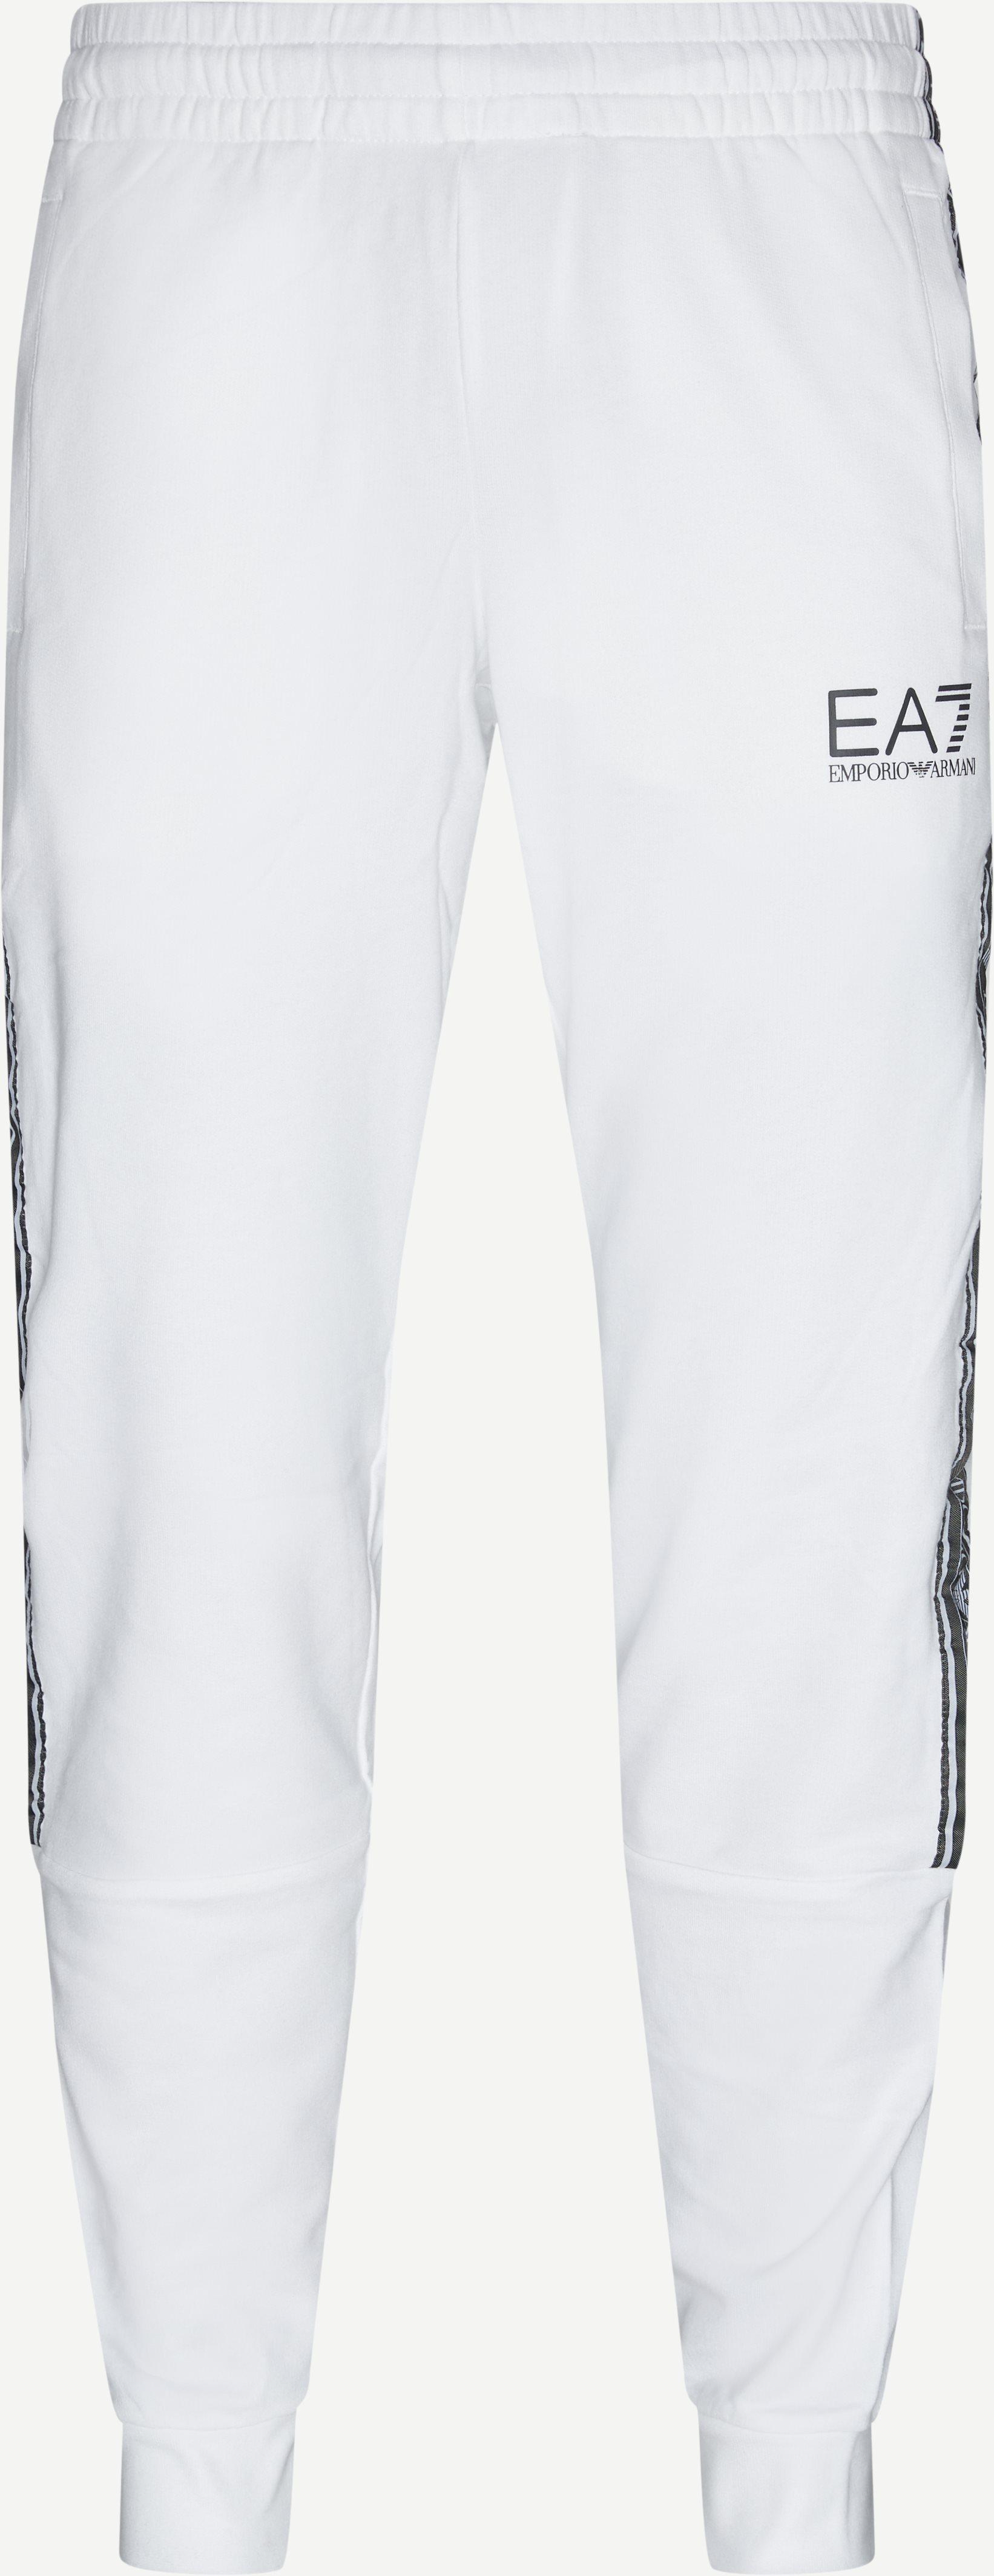 Logo Sweatpants - Bukser - Regular - Hvid